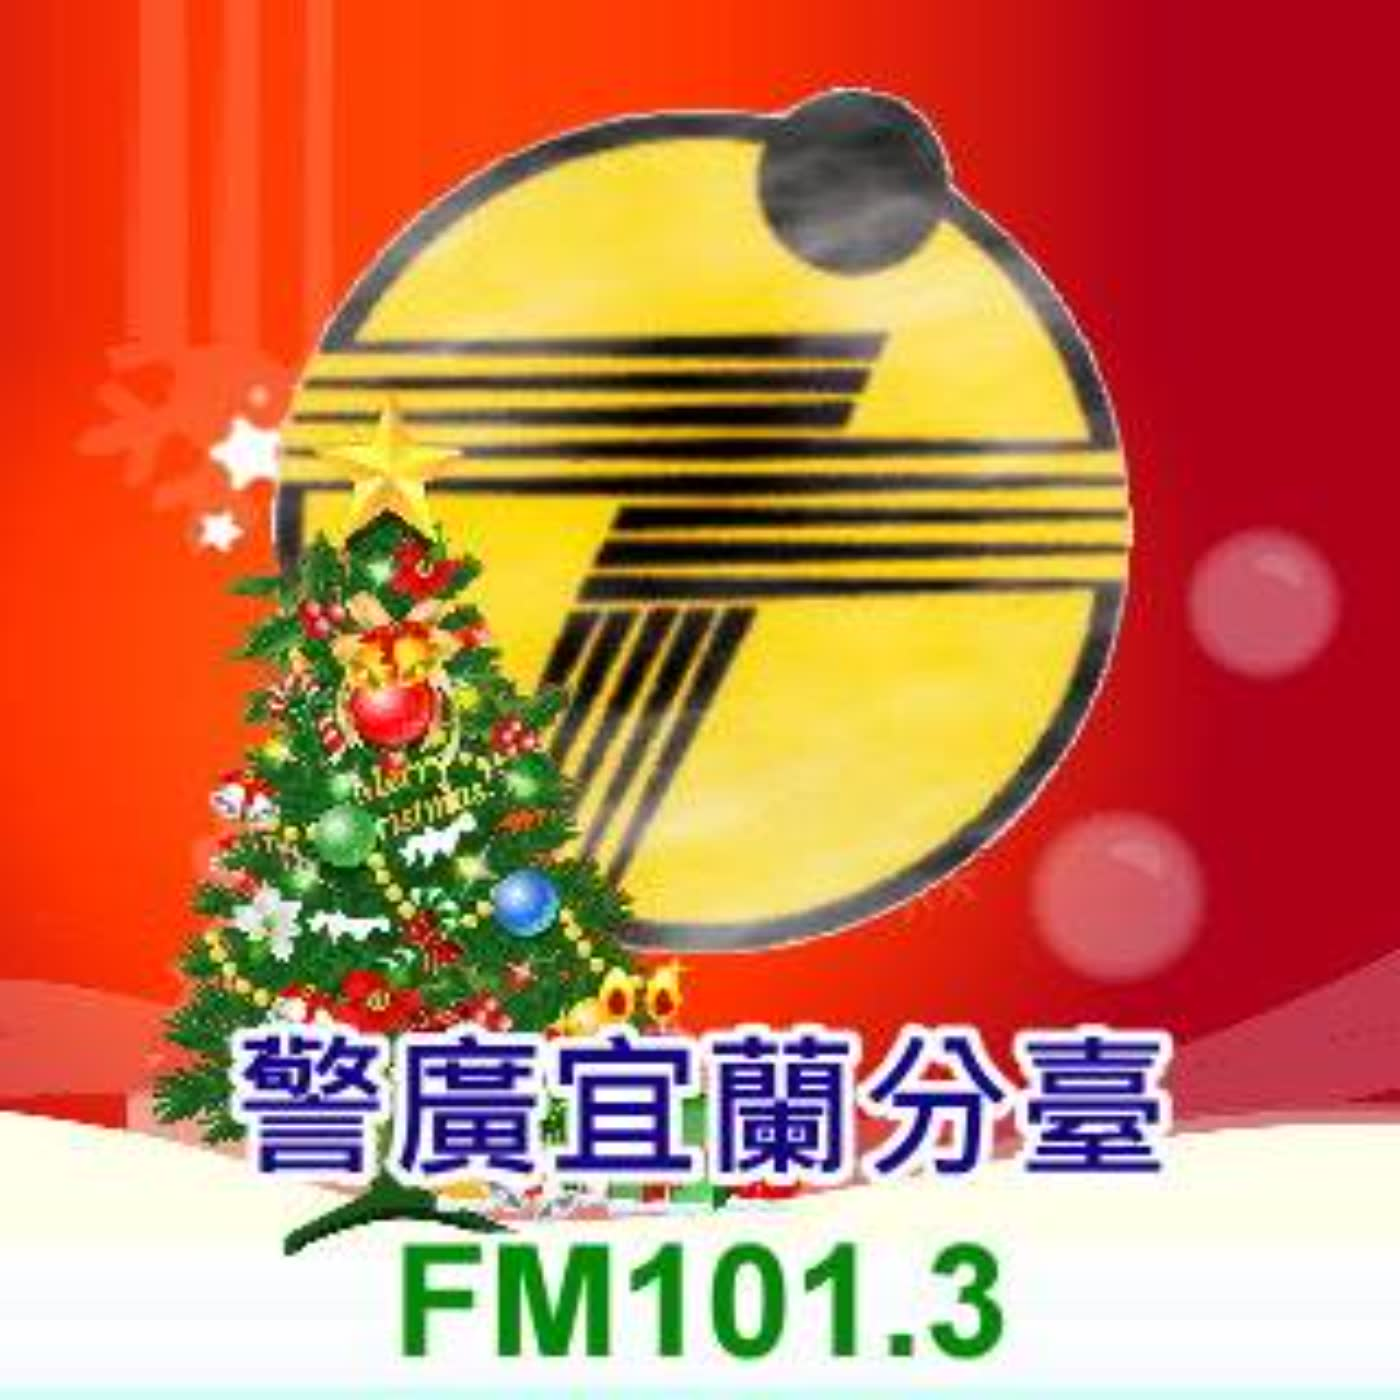 警廣宜蘭分臺FM101.3